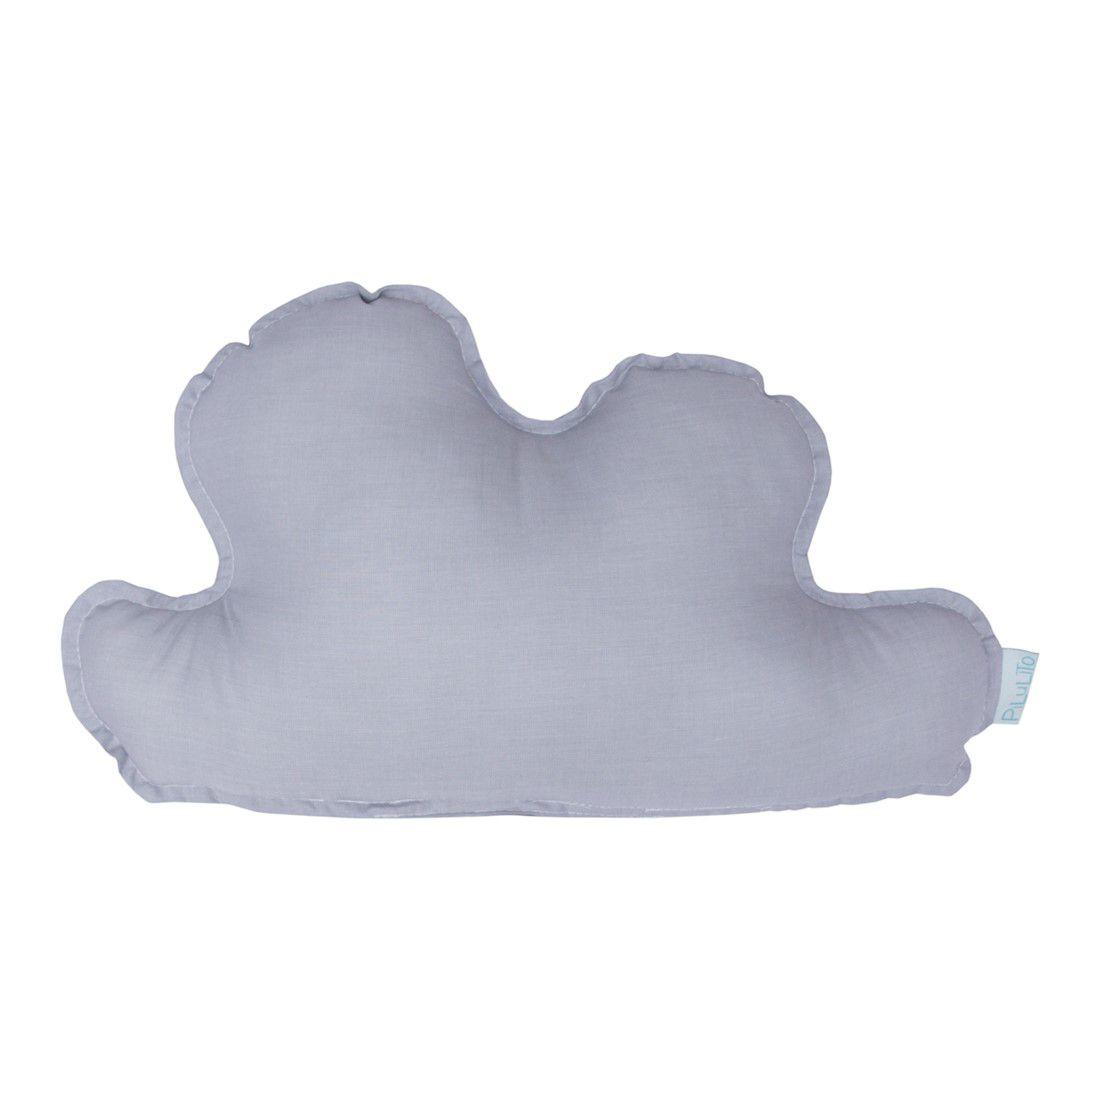 Almofada nuvem pequena  cinza névoa